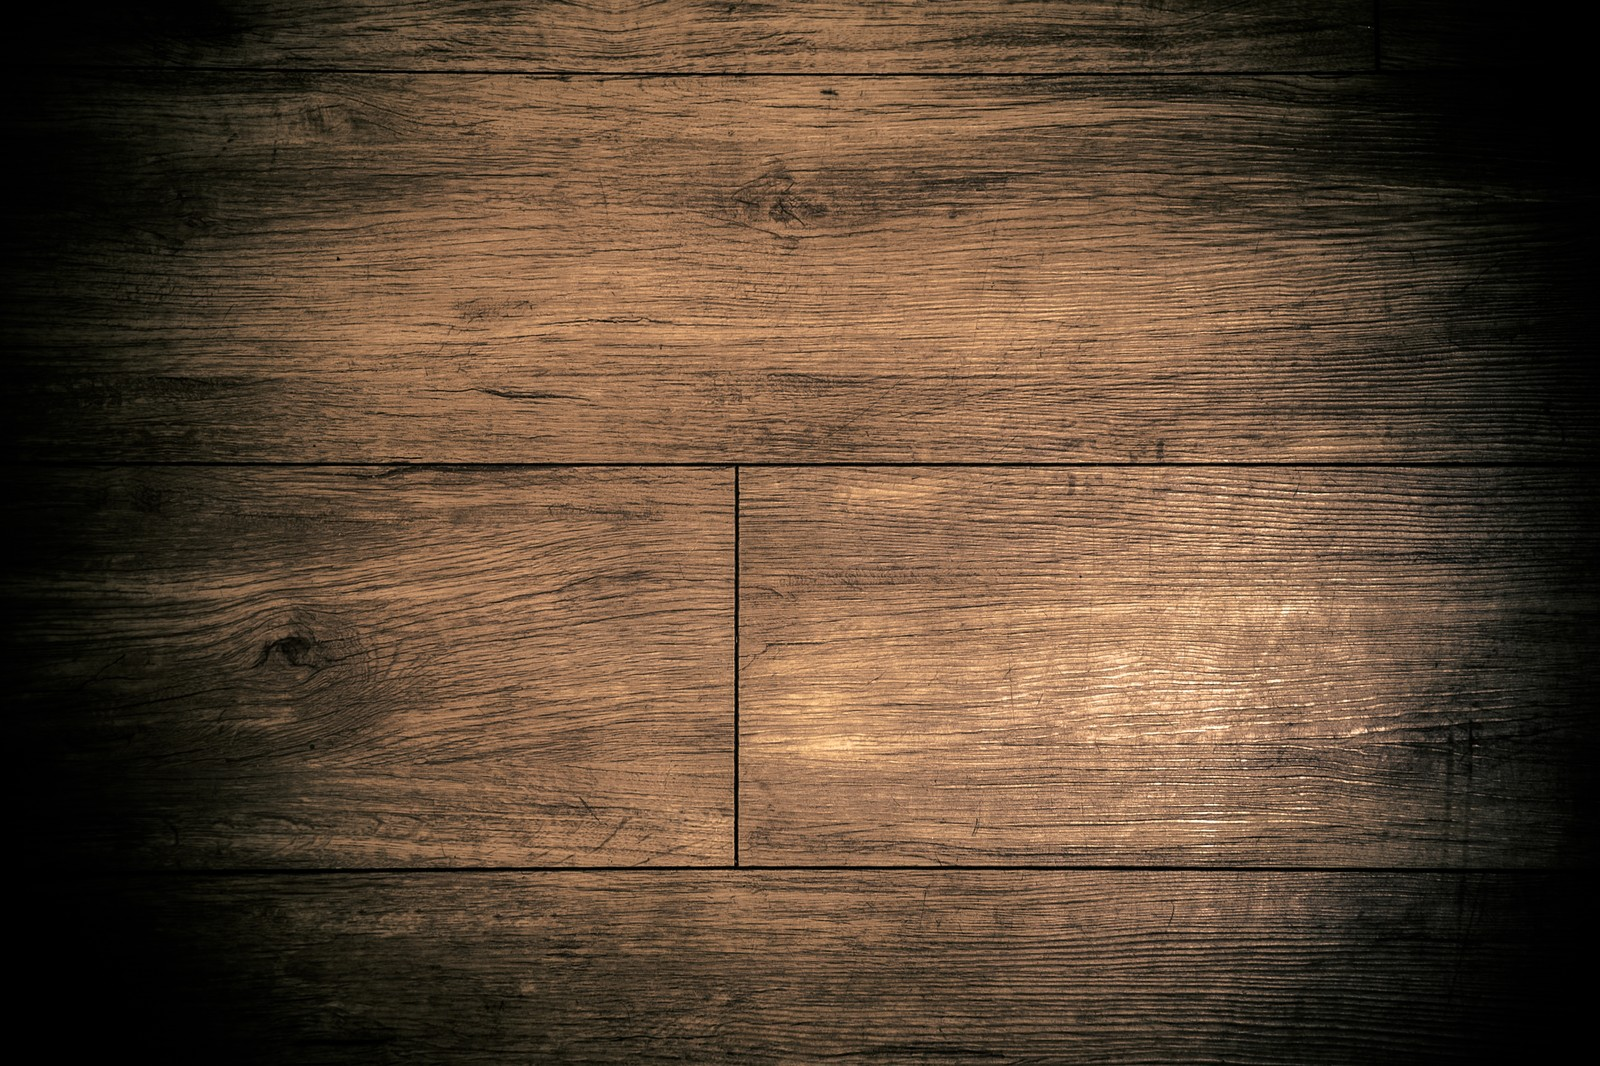 「すさんだ床」の写真